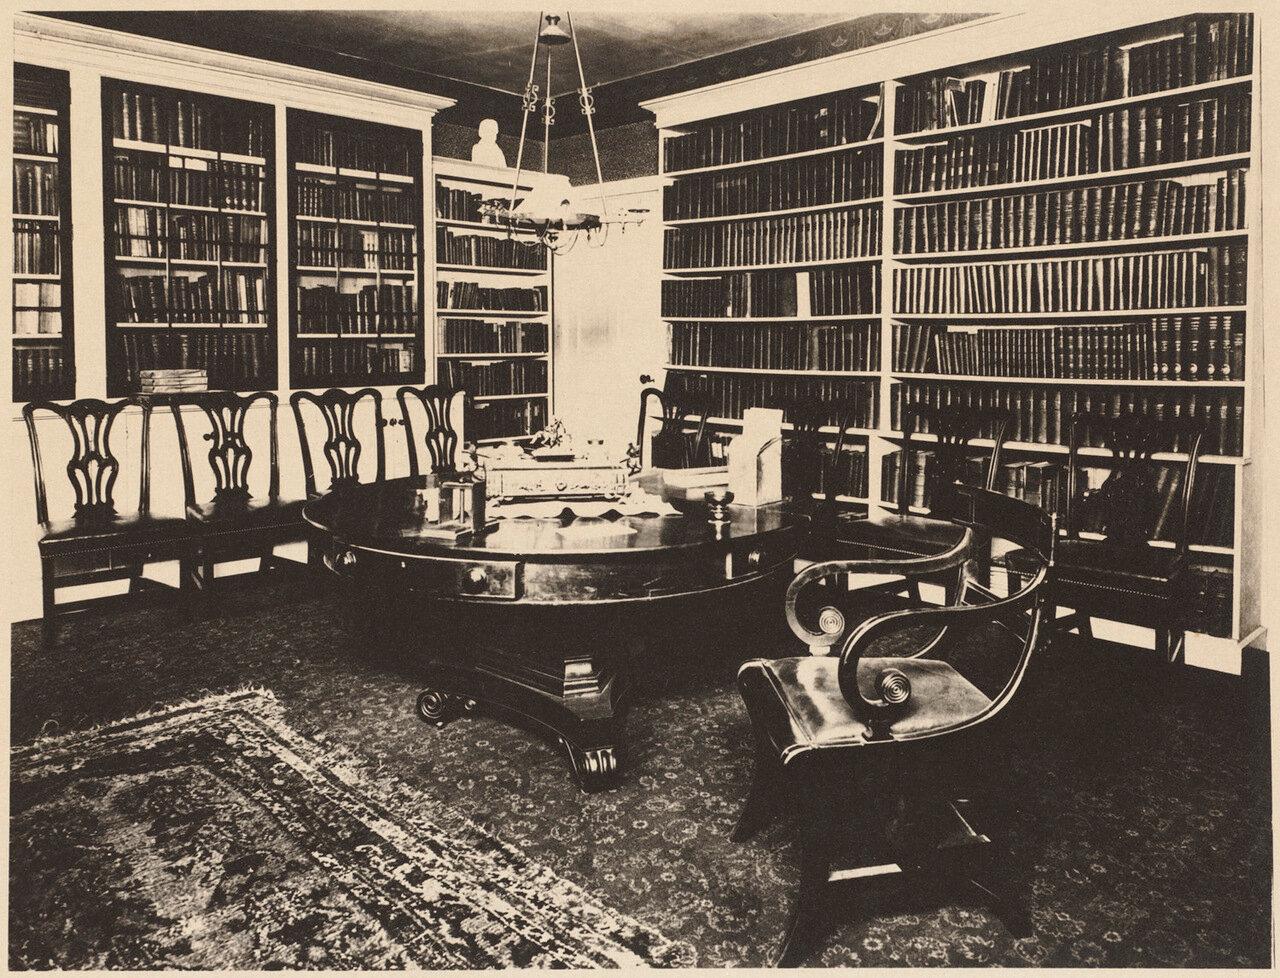 1916. Интерьер дома Лемюэля Шоу, главного судьи штата Массачусетс